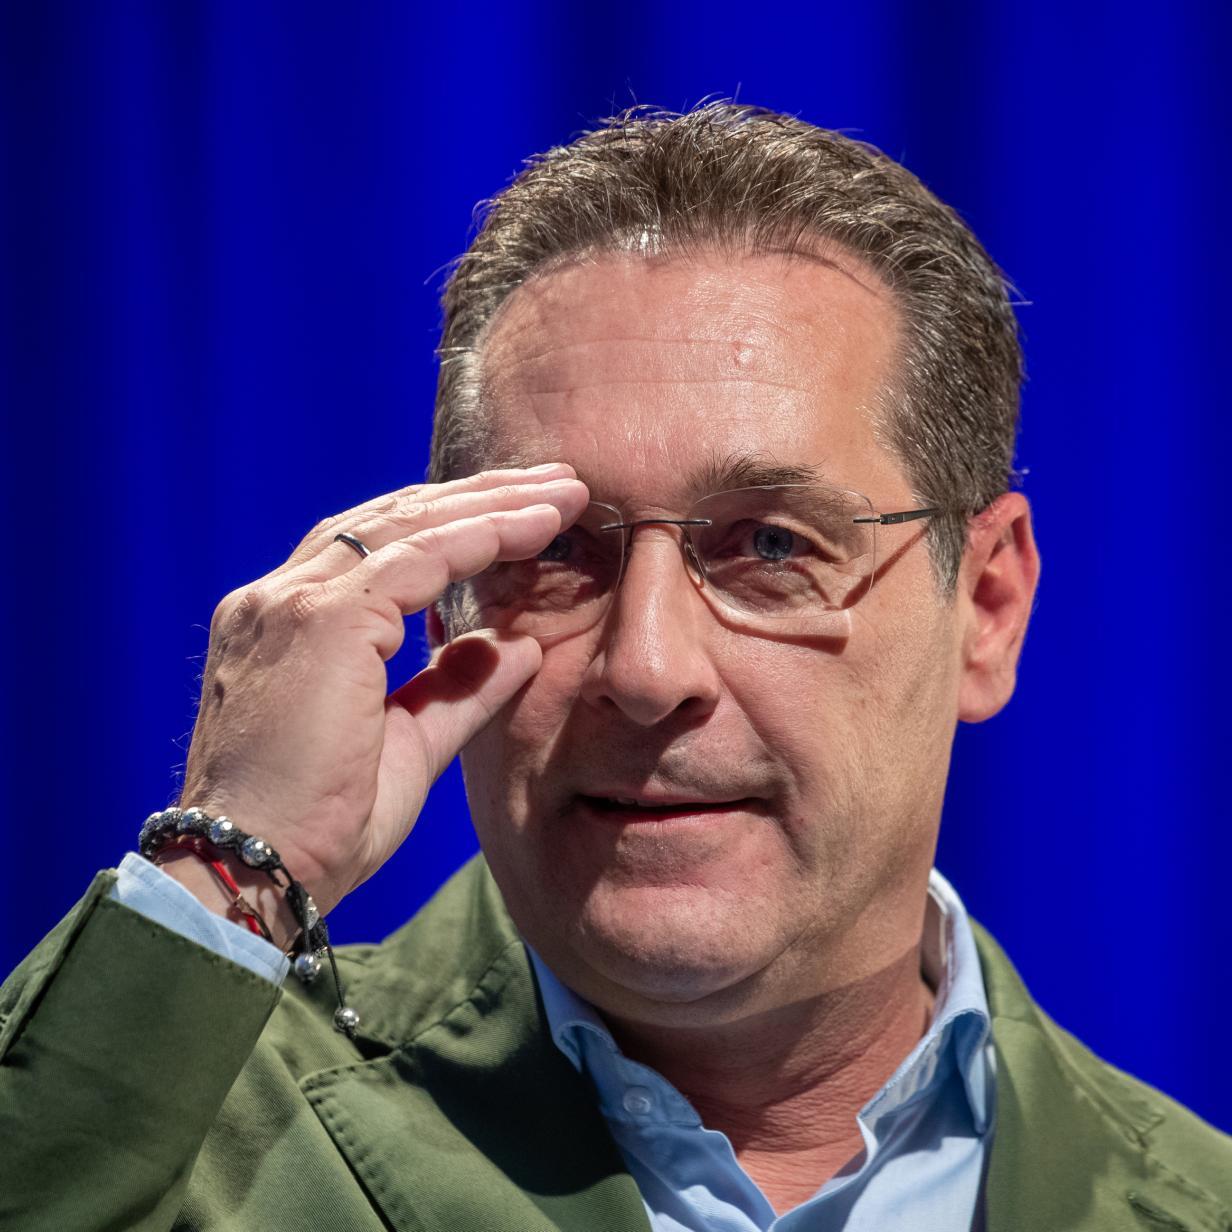 Strache teilt Artikel von Holocaust-Leugner auf Facebook